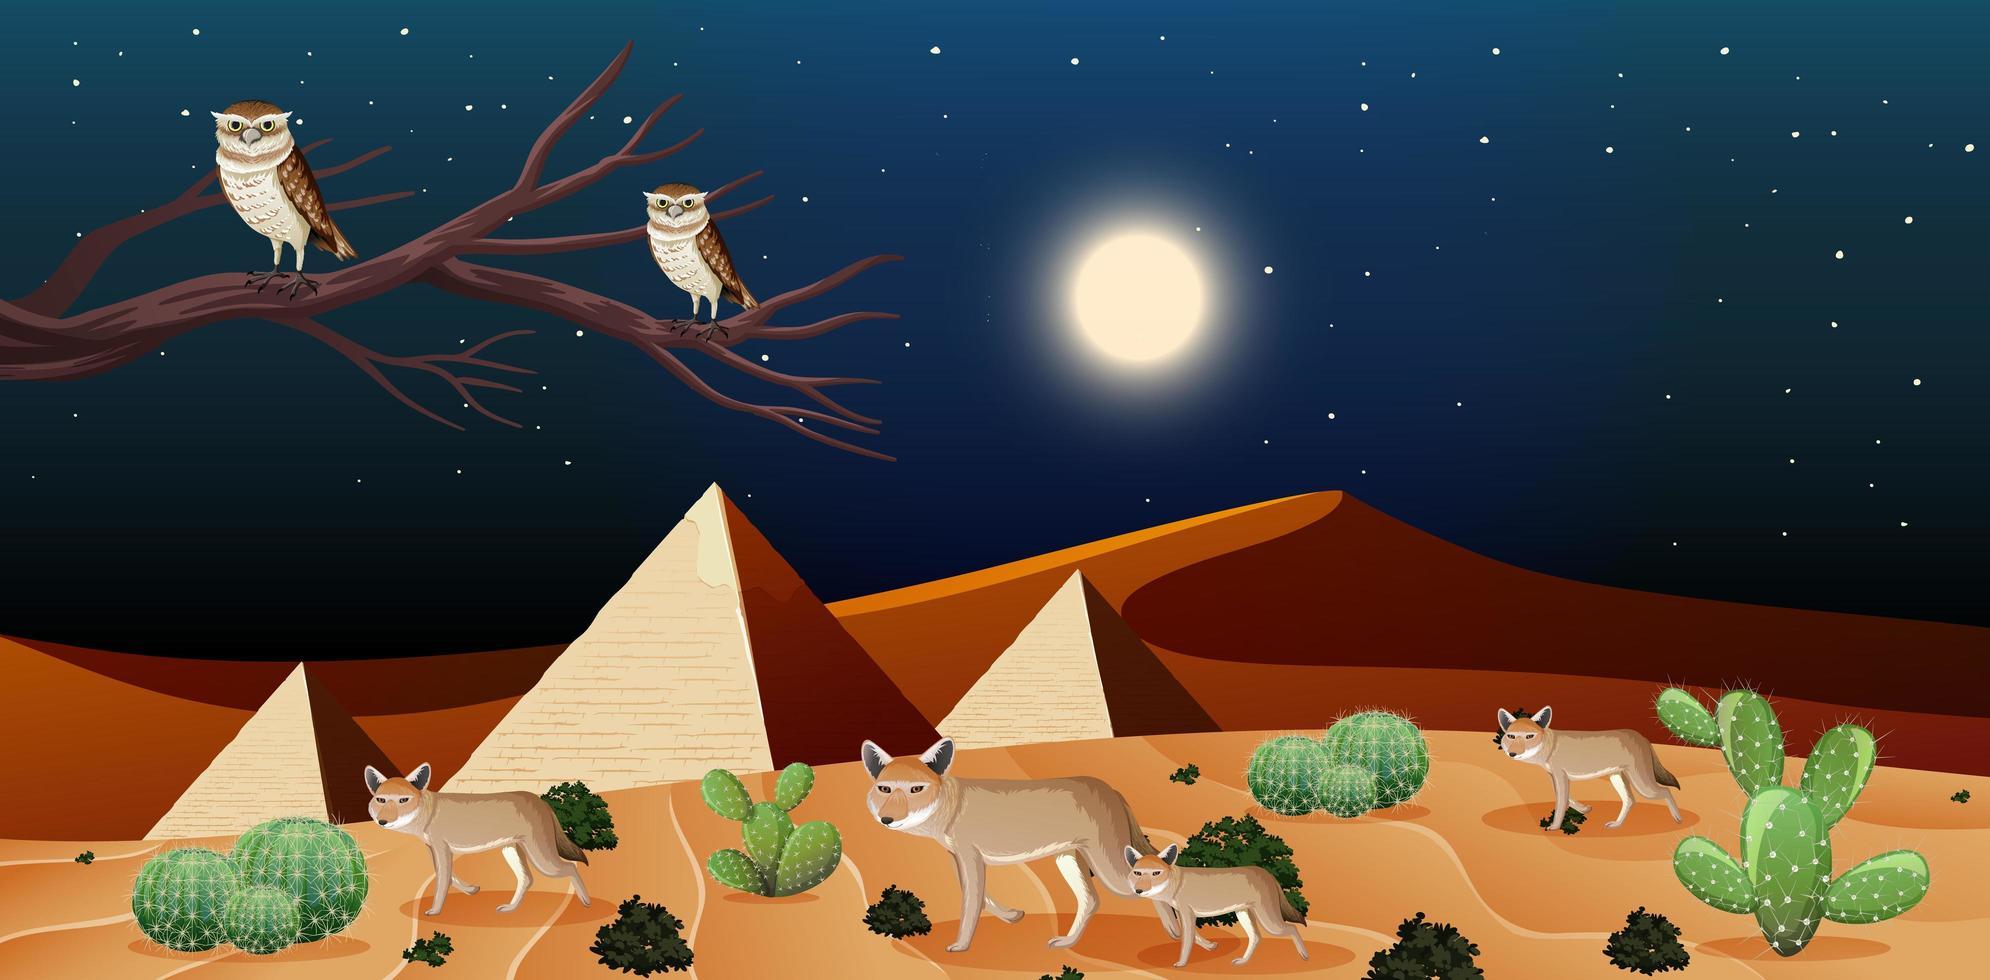 wilde Wüstenlandschaft bei Nachtszene mit Pyramiden vektor